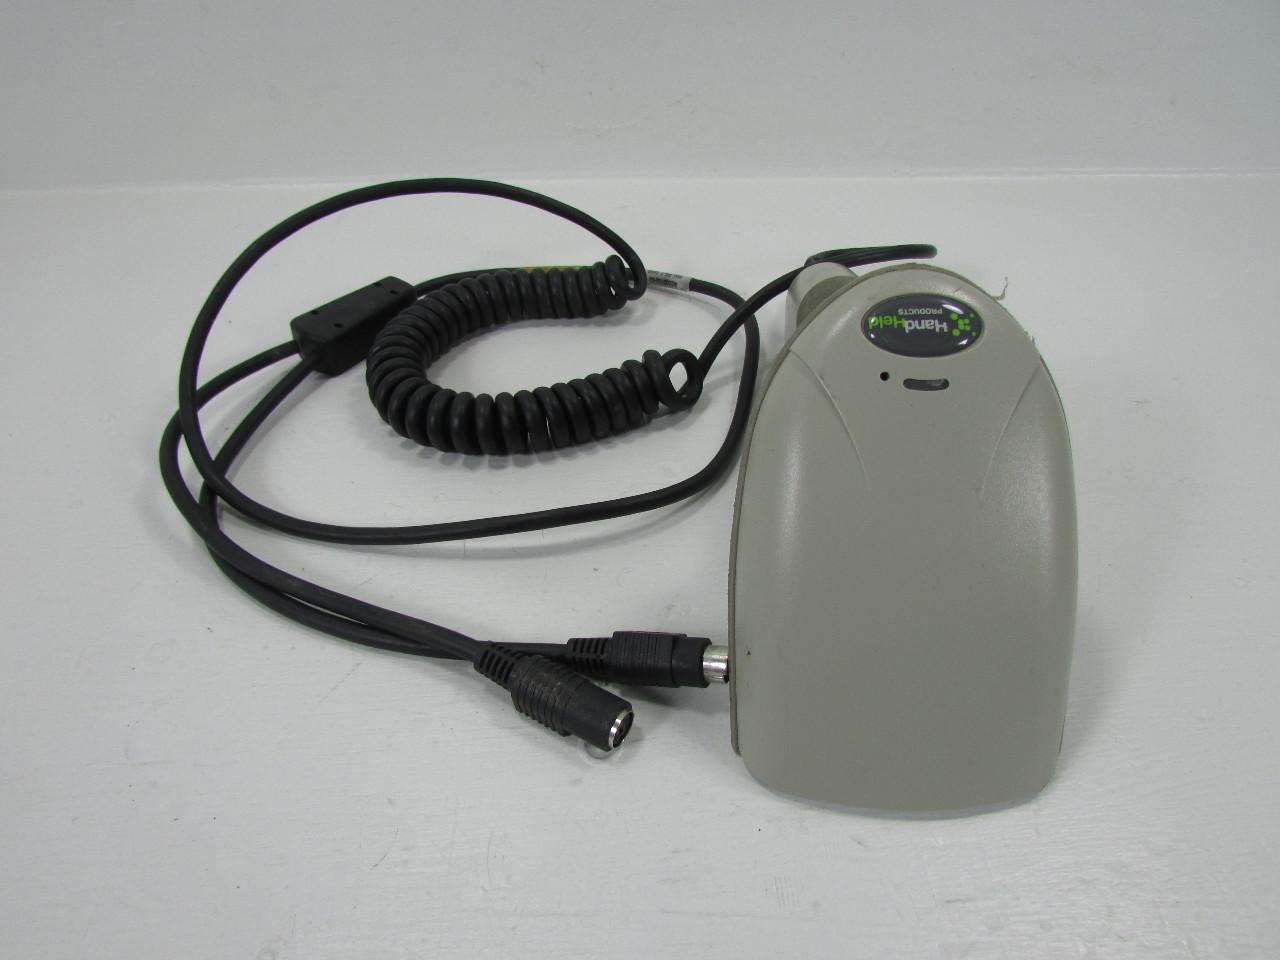 It3800 scanner